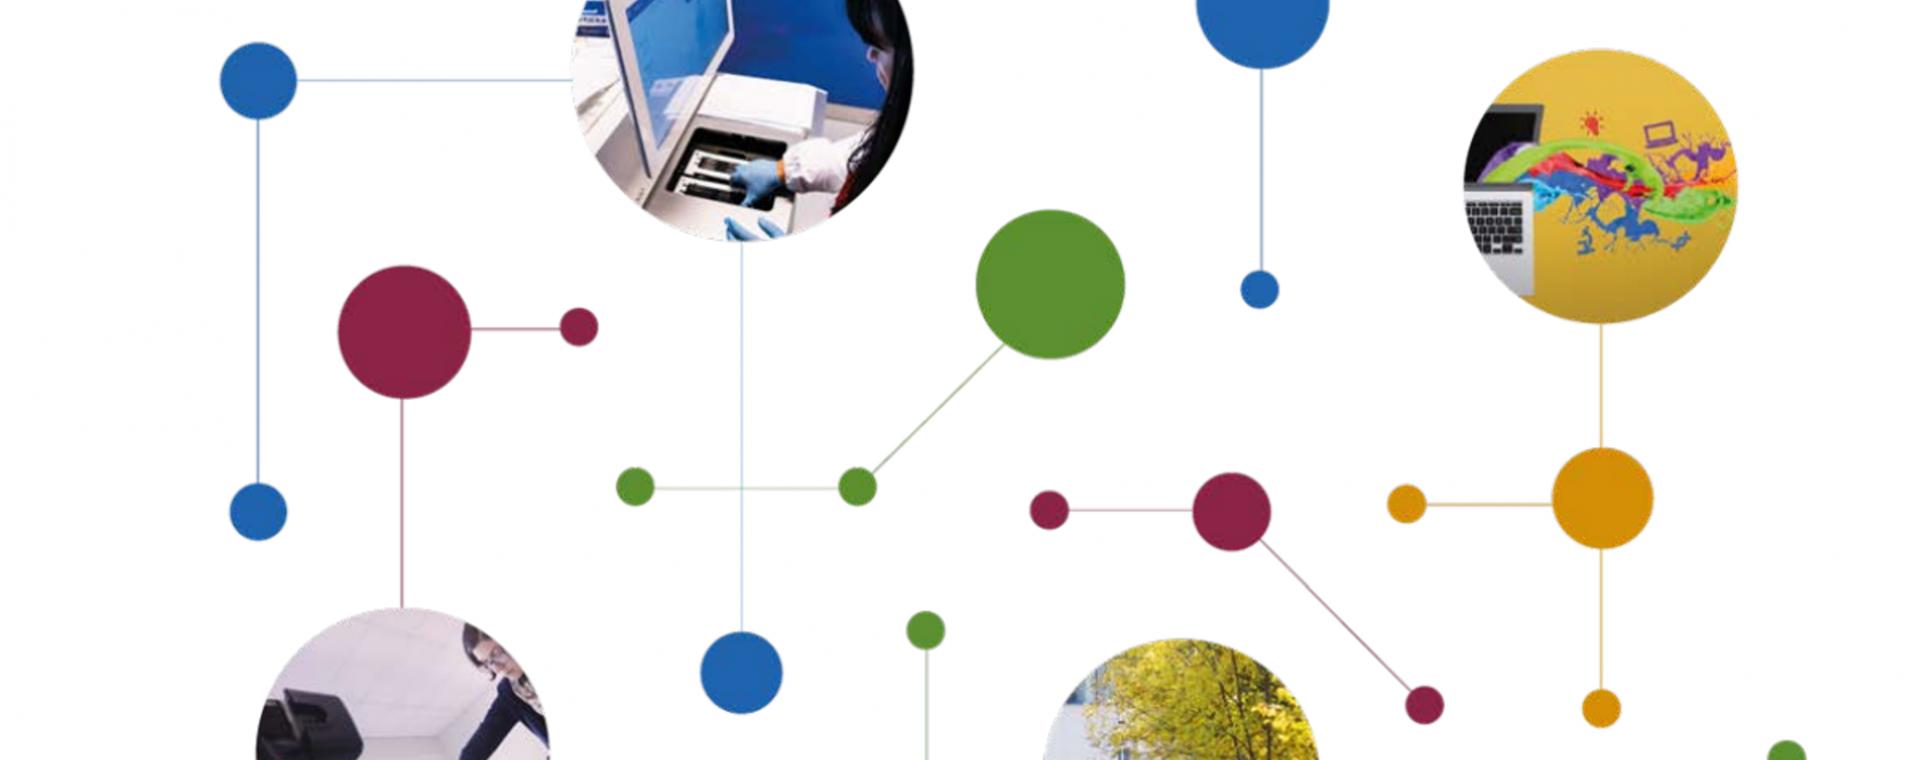 Consultazione pubblica per l'aggiornamento del Piano Triennale di Prevenzione della Corruzione e della Trasparenza di Area Science Park per il triennio 2022-2024